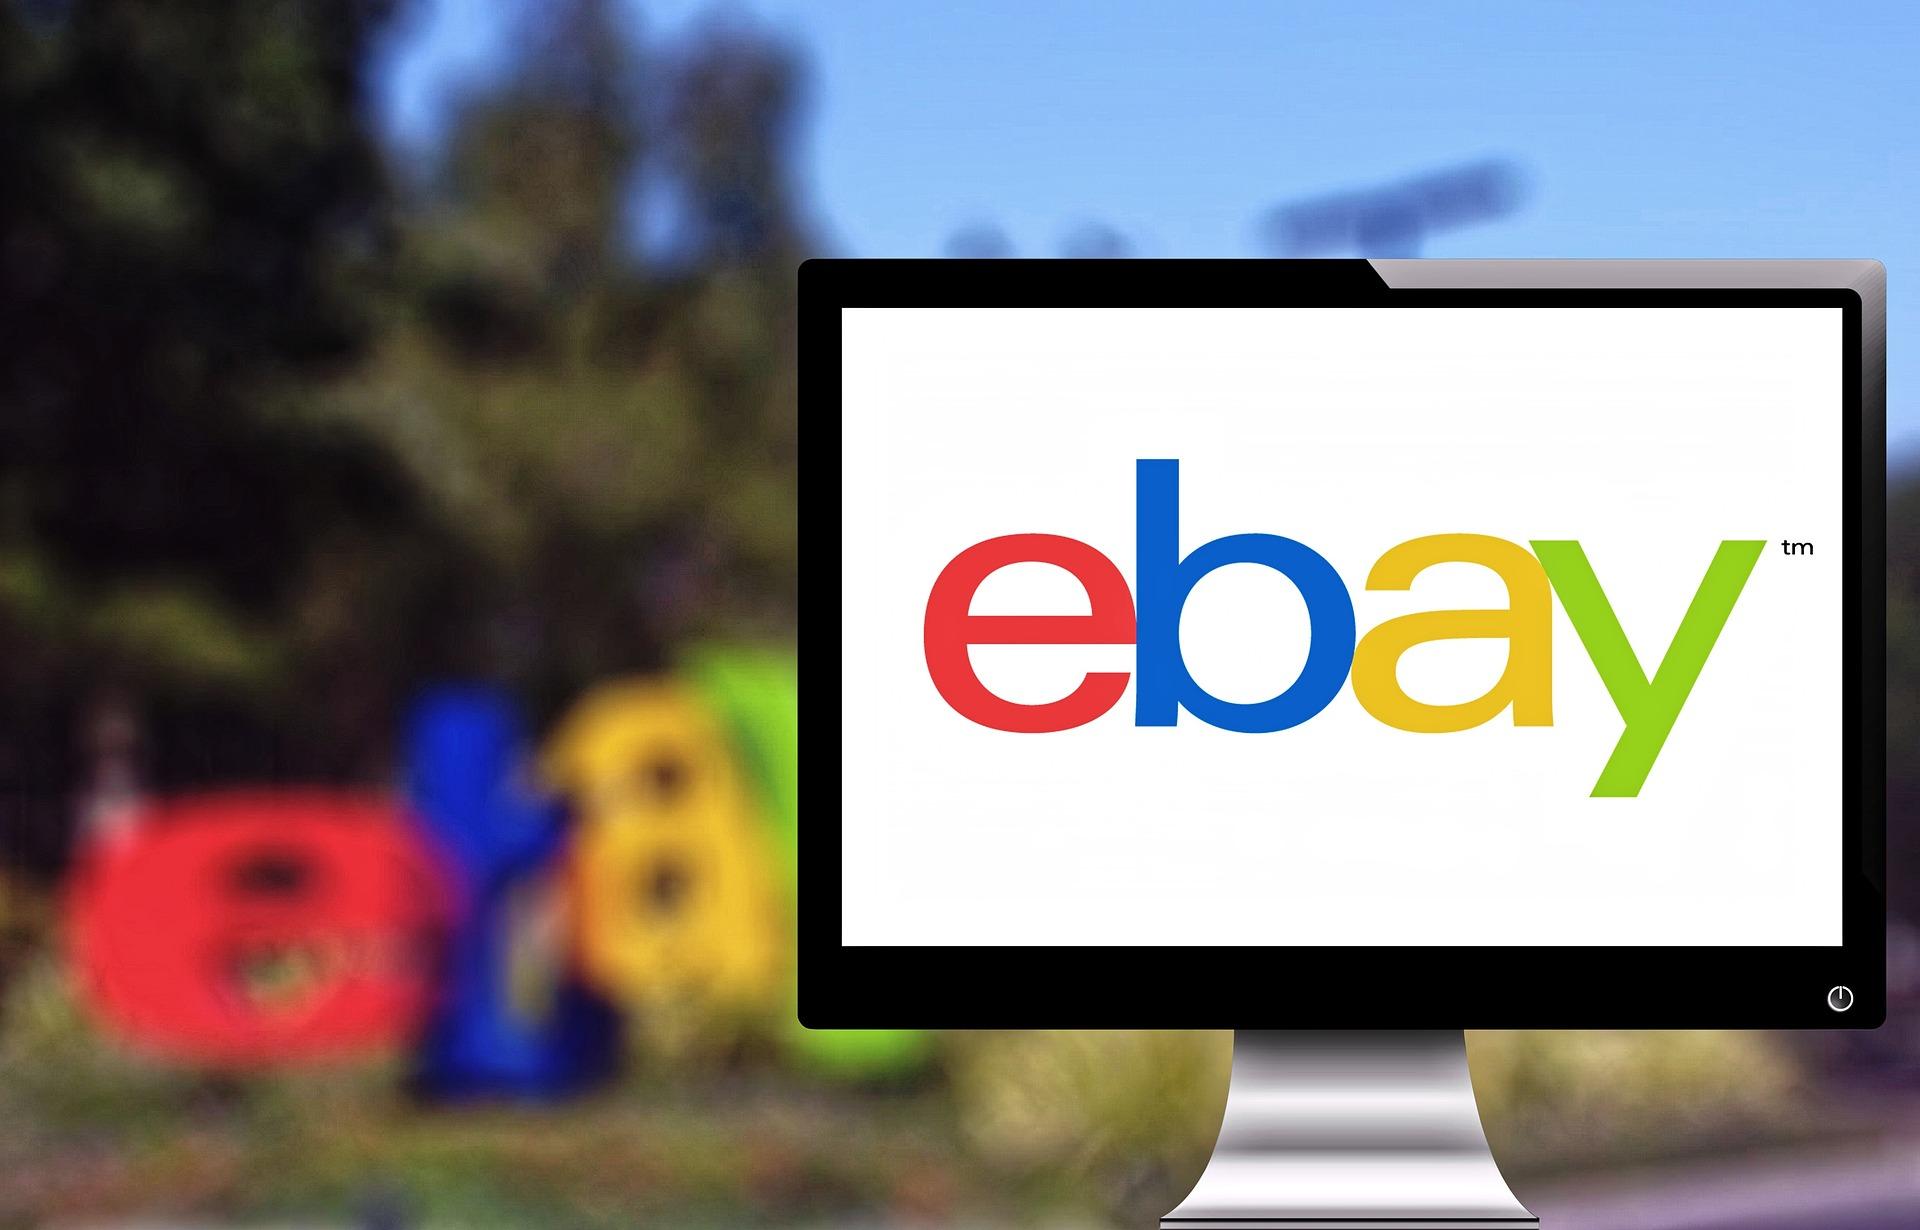 EBAY stock news and analysis